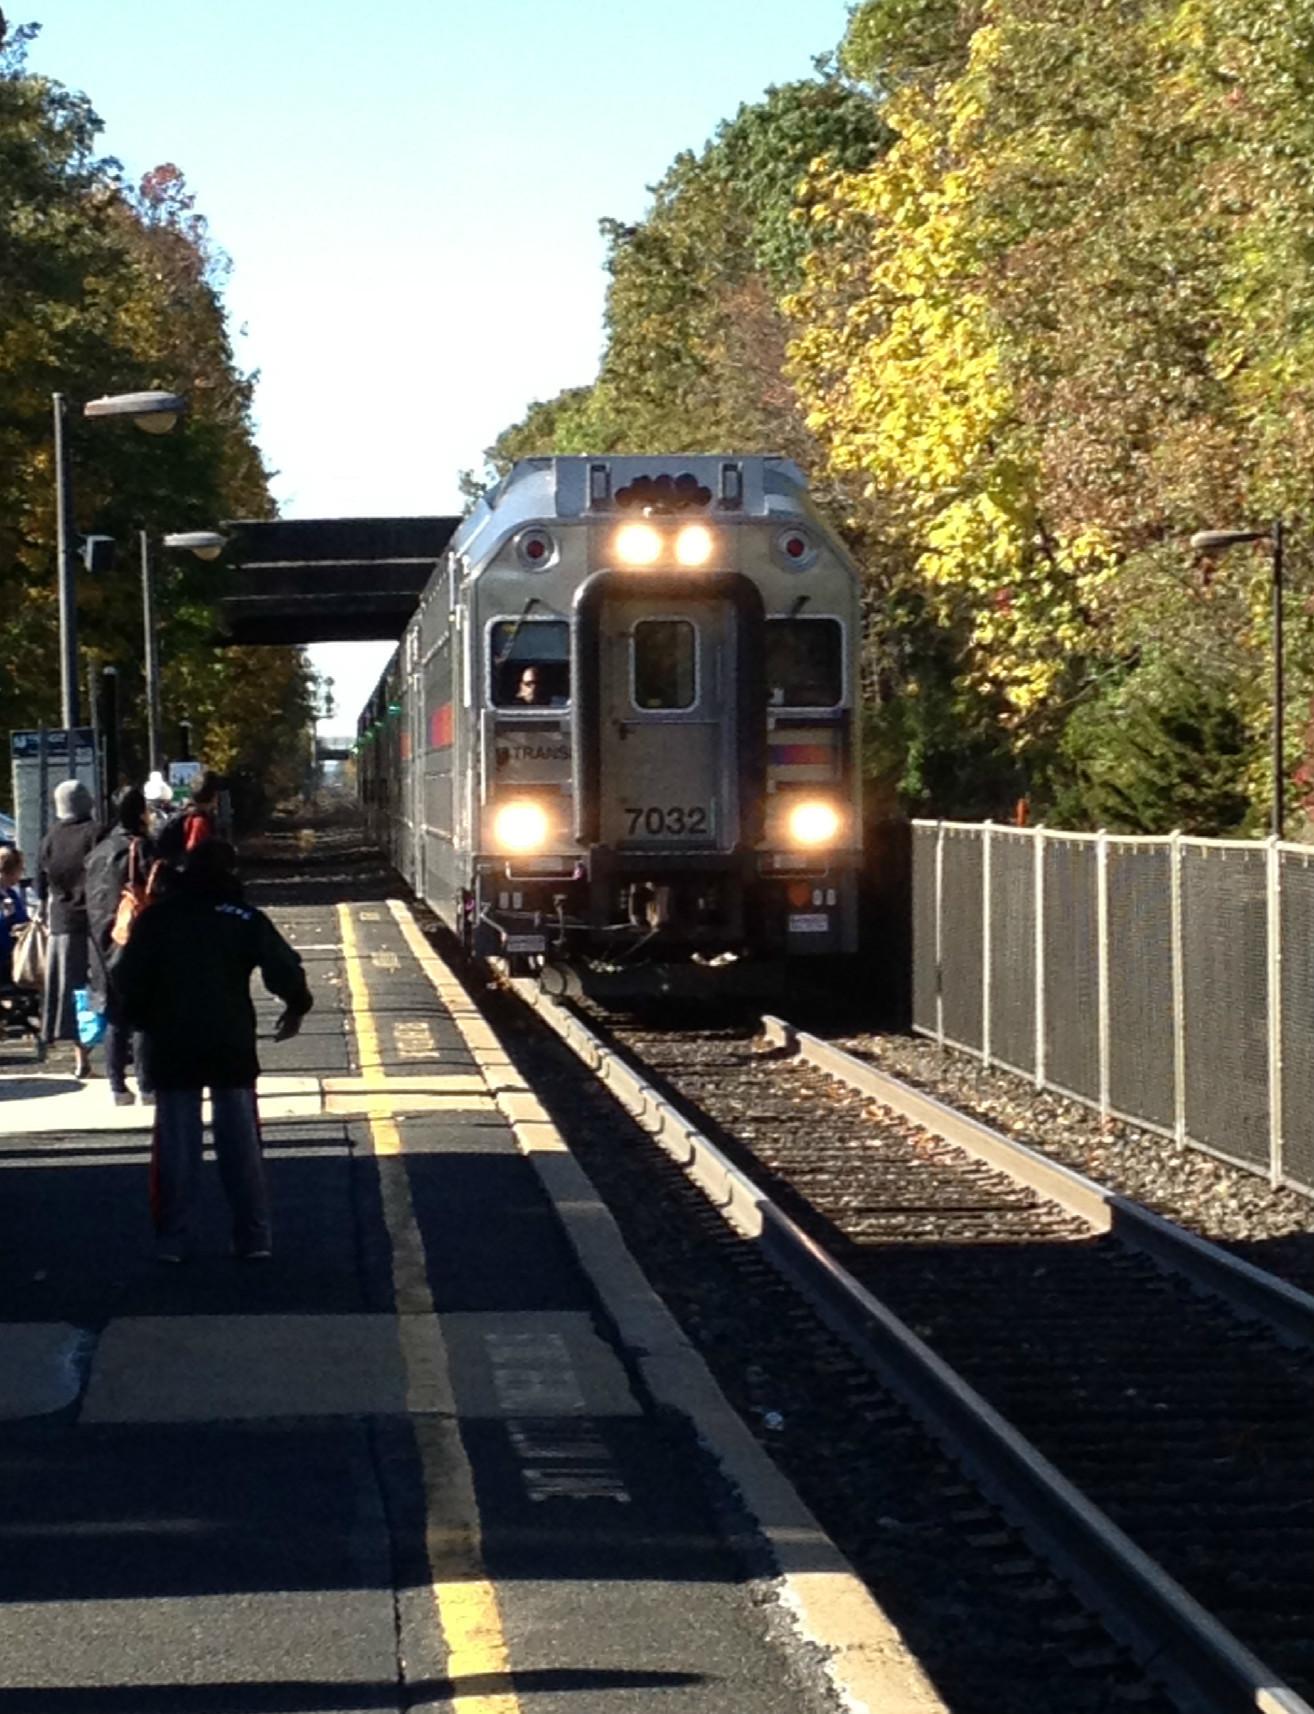 706df927905ccd5c0daf_NJT_1016am_train_pulls_into_Fanwood_10-27-14.jpg